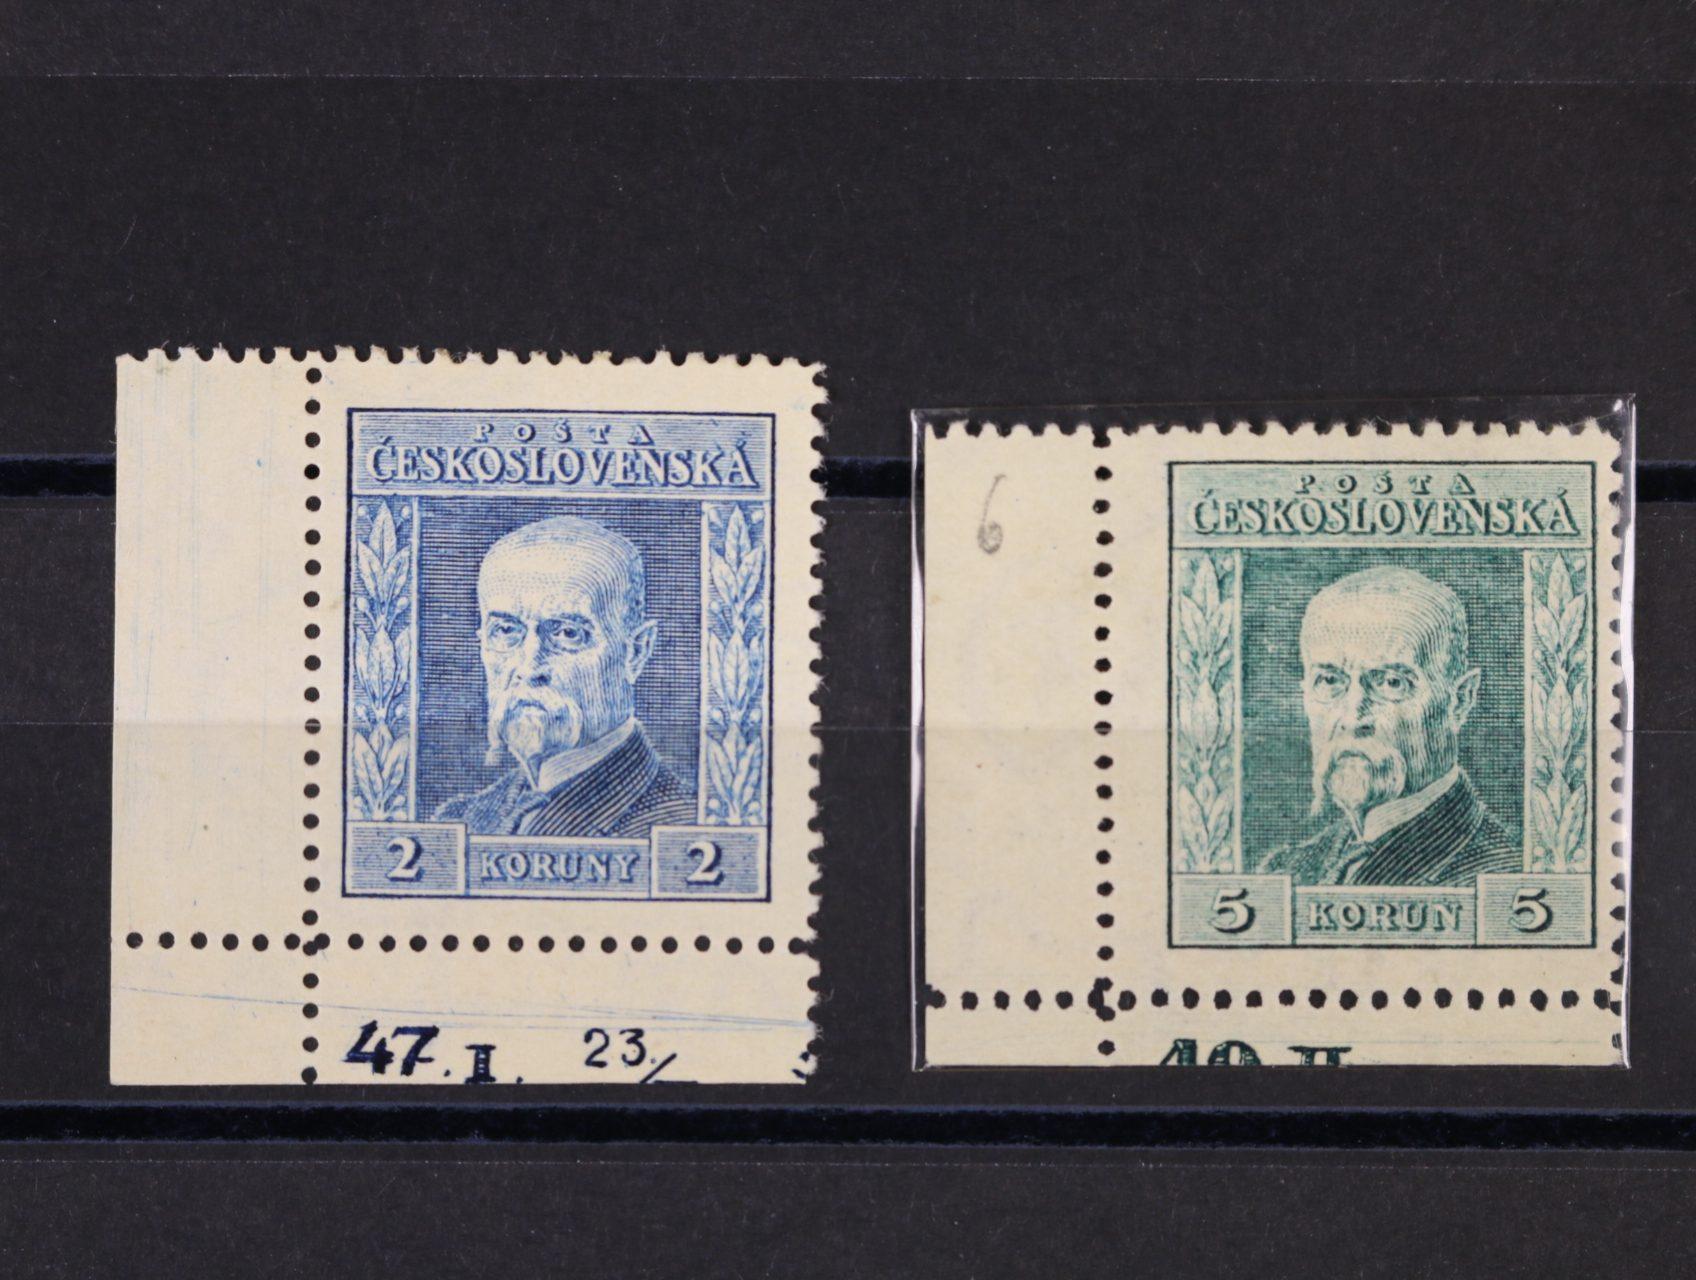 zn. č. 191B, pr. 8 + 193, pr. 6 - levé spodní roh. kusy s DZ 47.I.  23/, resp. 40.II.